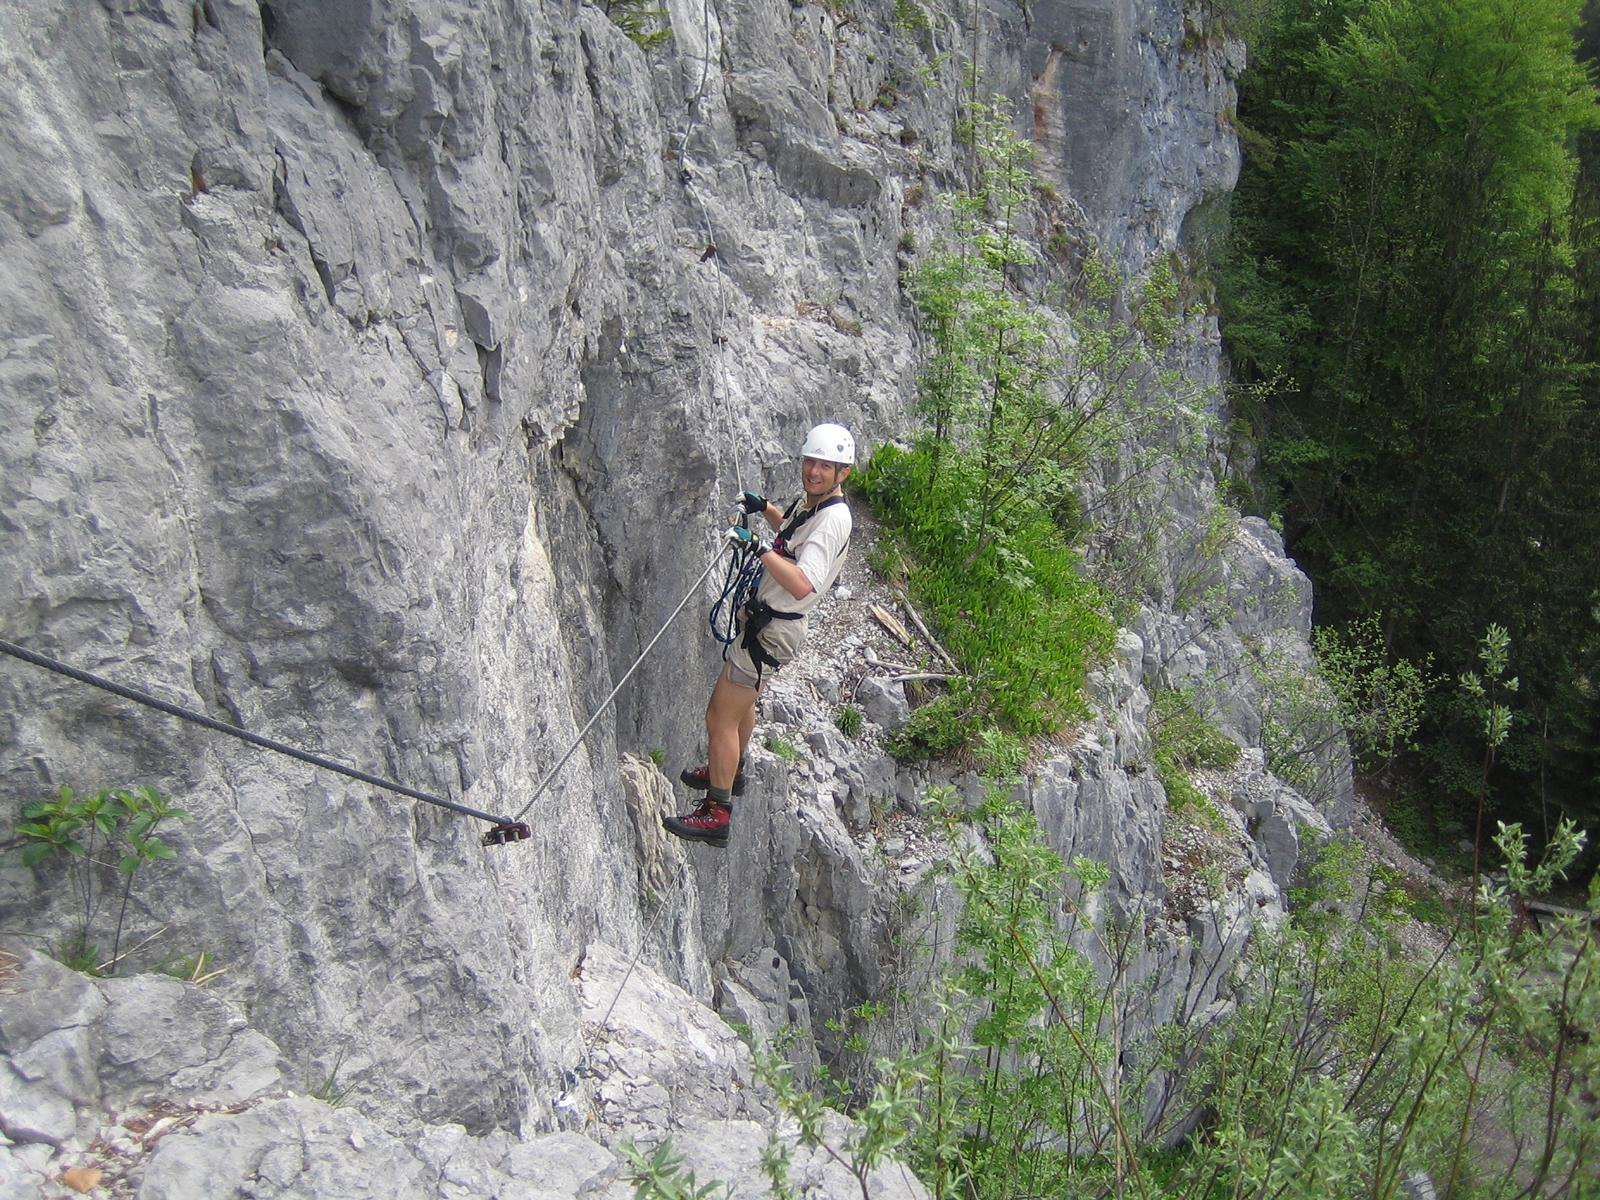 Klettersteig Für Anfänger : Diese klettersteige in bayern machen lust auf mehr